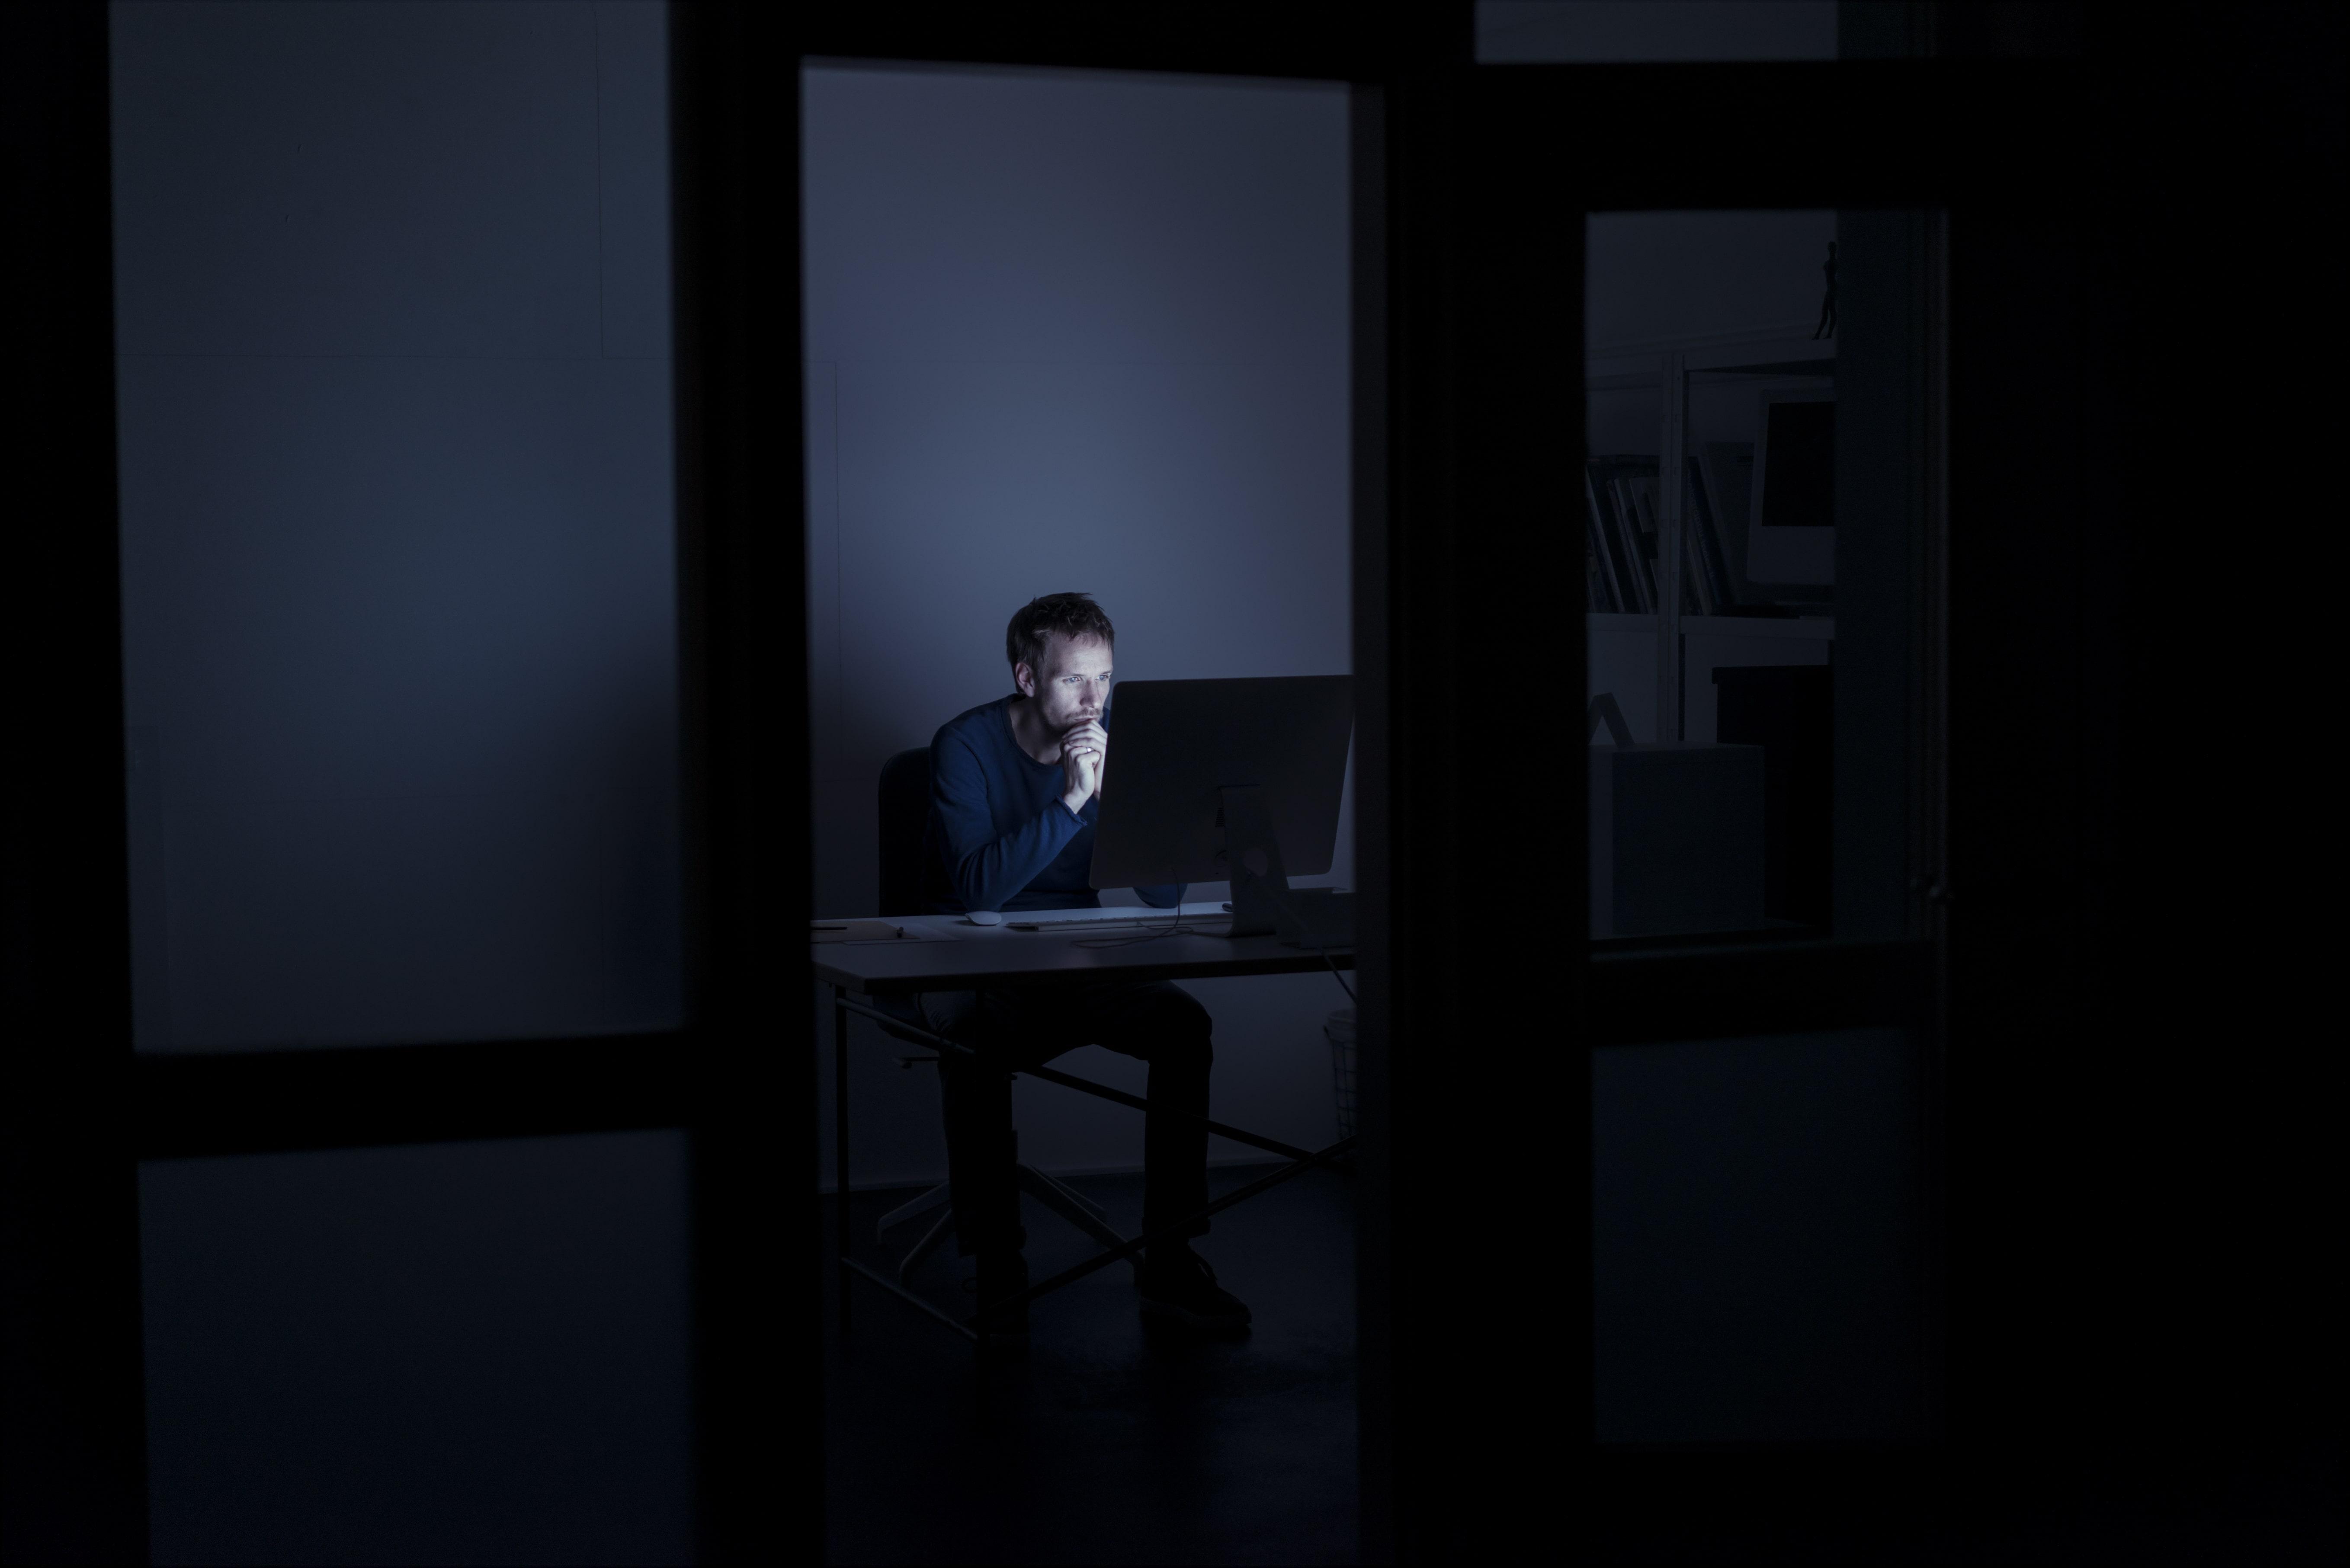 Ein Mann sitzt vor einem Rechner im Home-Office, im Zimmer gibt es bis auf den Bildschirm keine Lichtquelle.